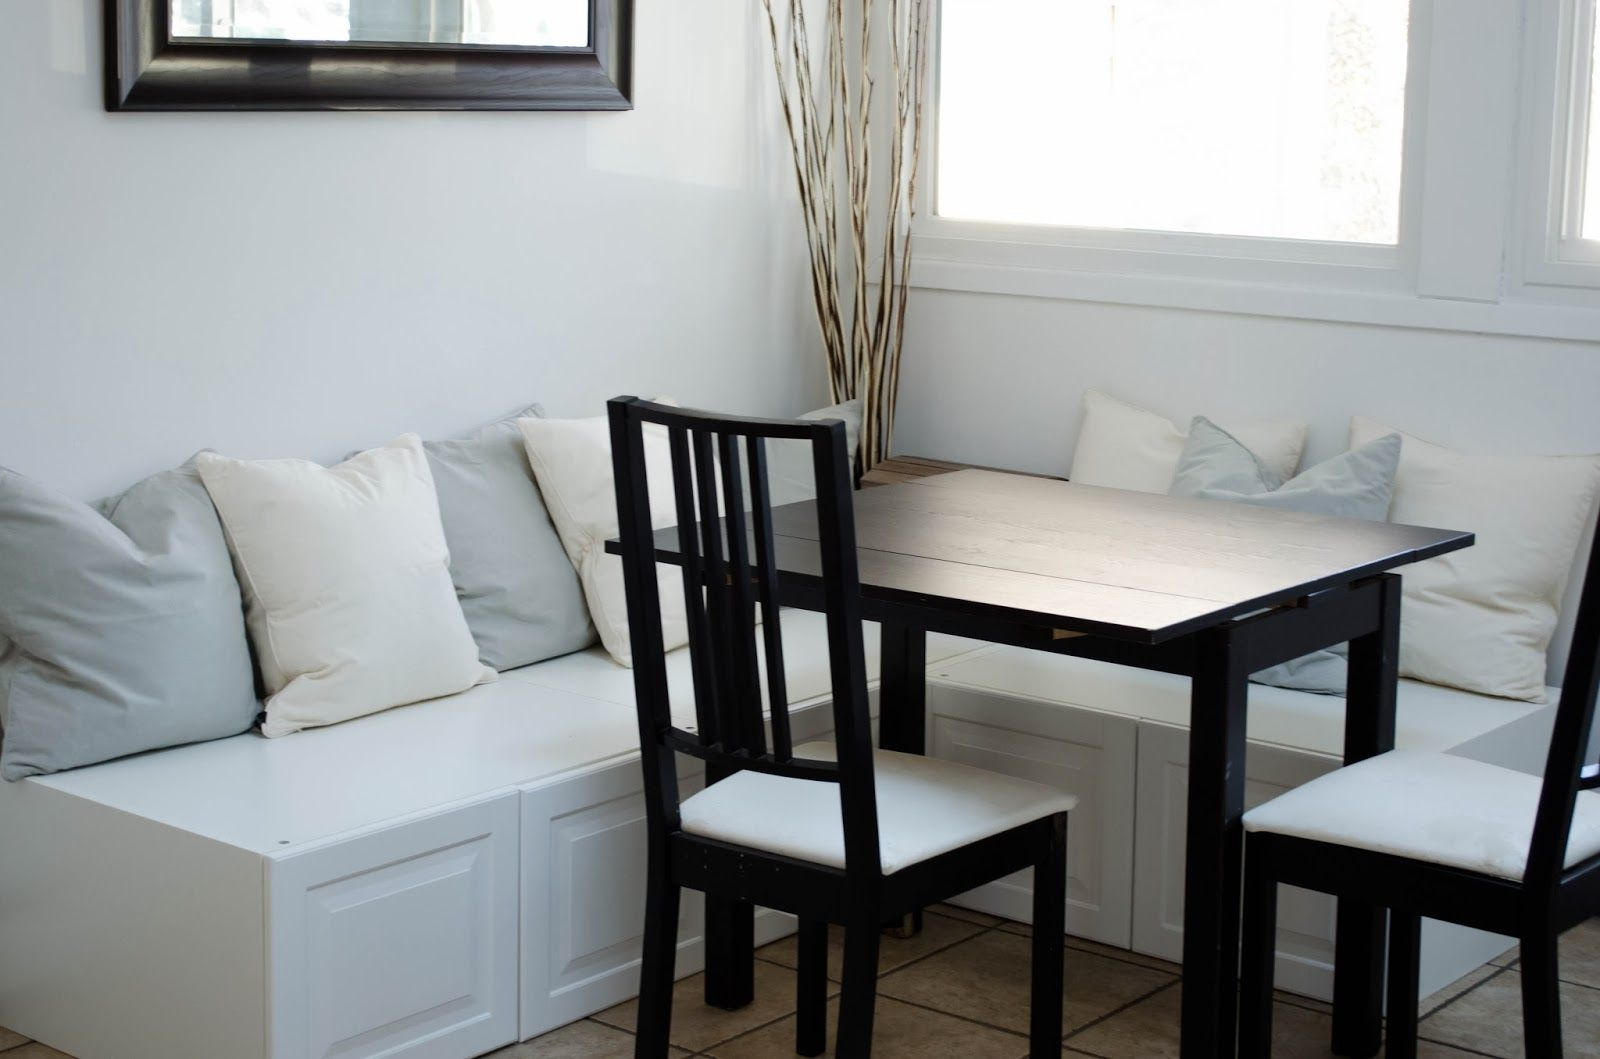 Easy DIY Breakfast Nook - Ikea Hack